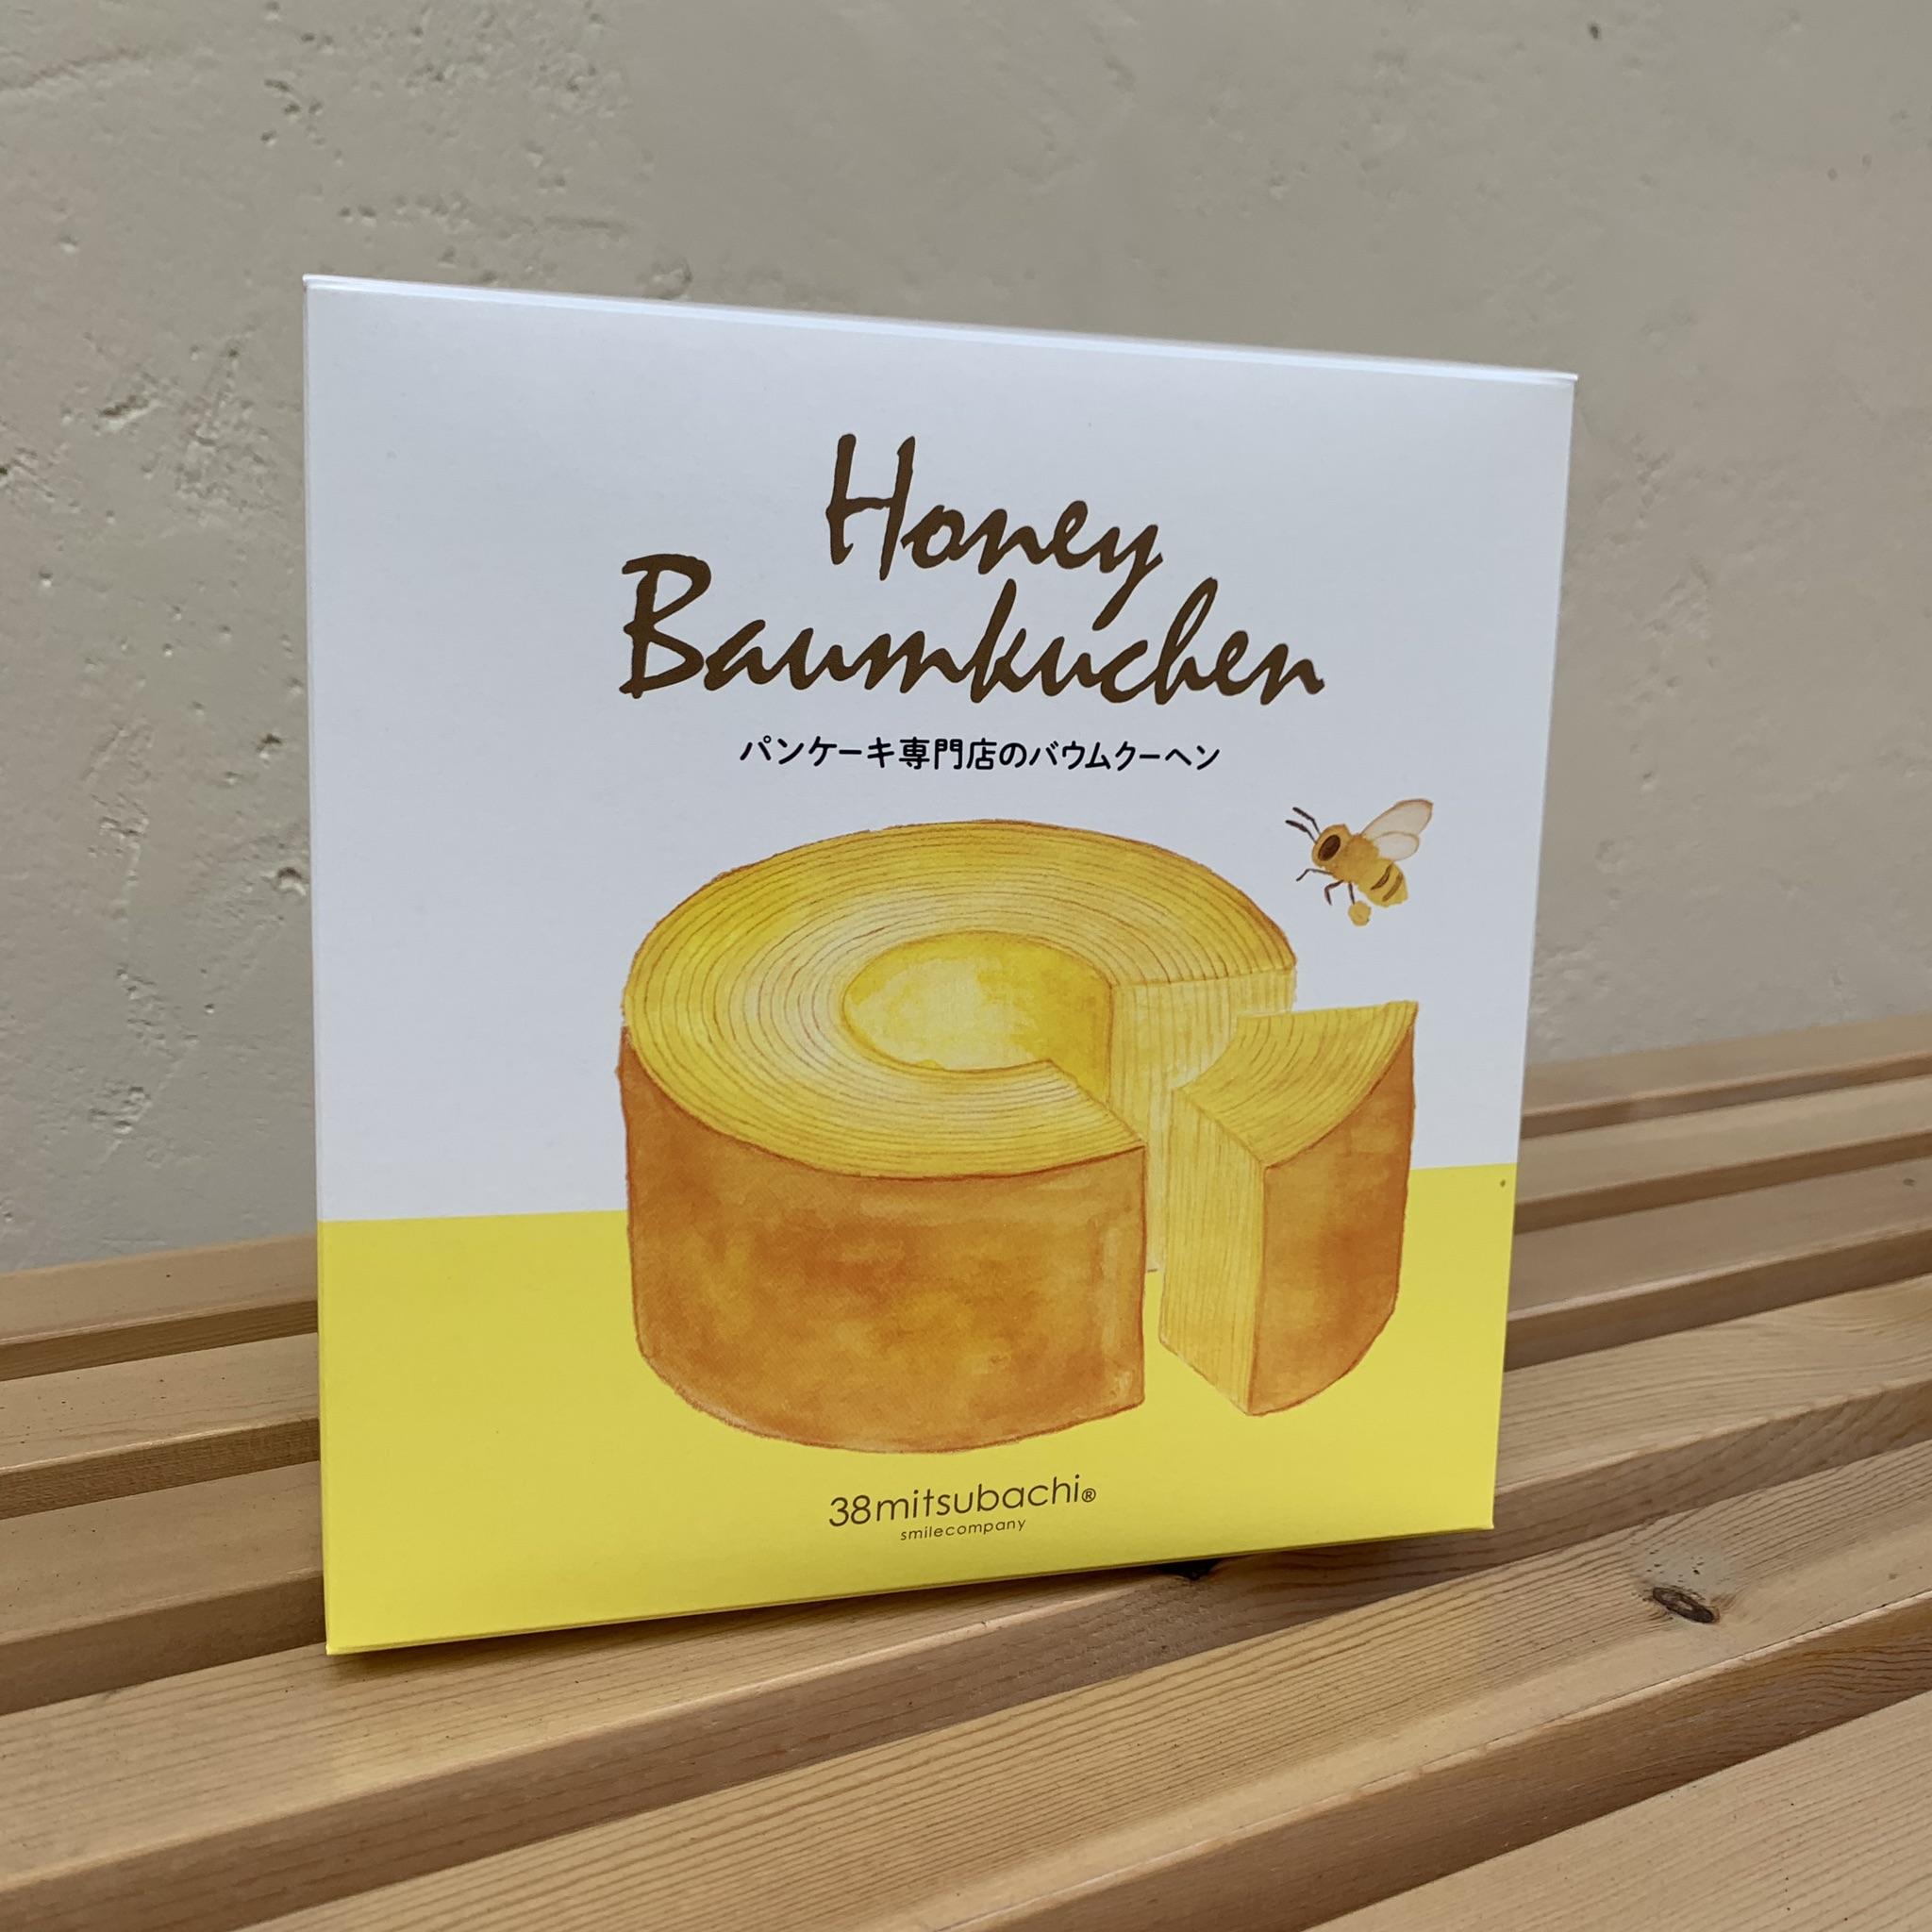 パンケーキ専門店の蜂蜜バウムクーヘン